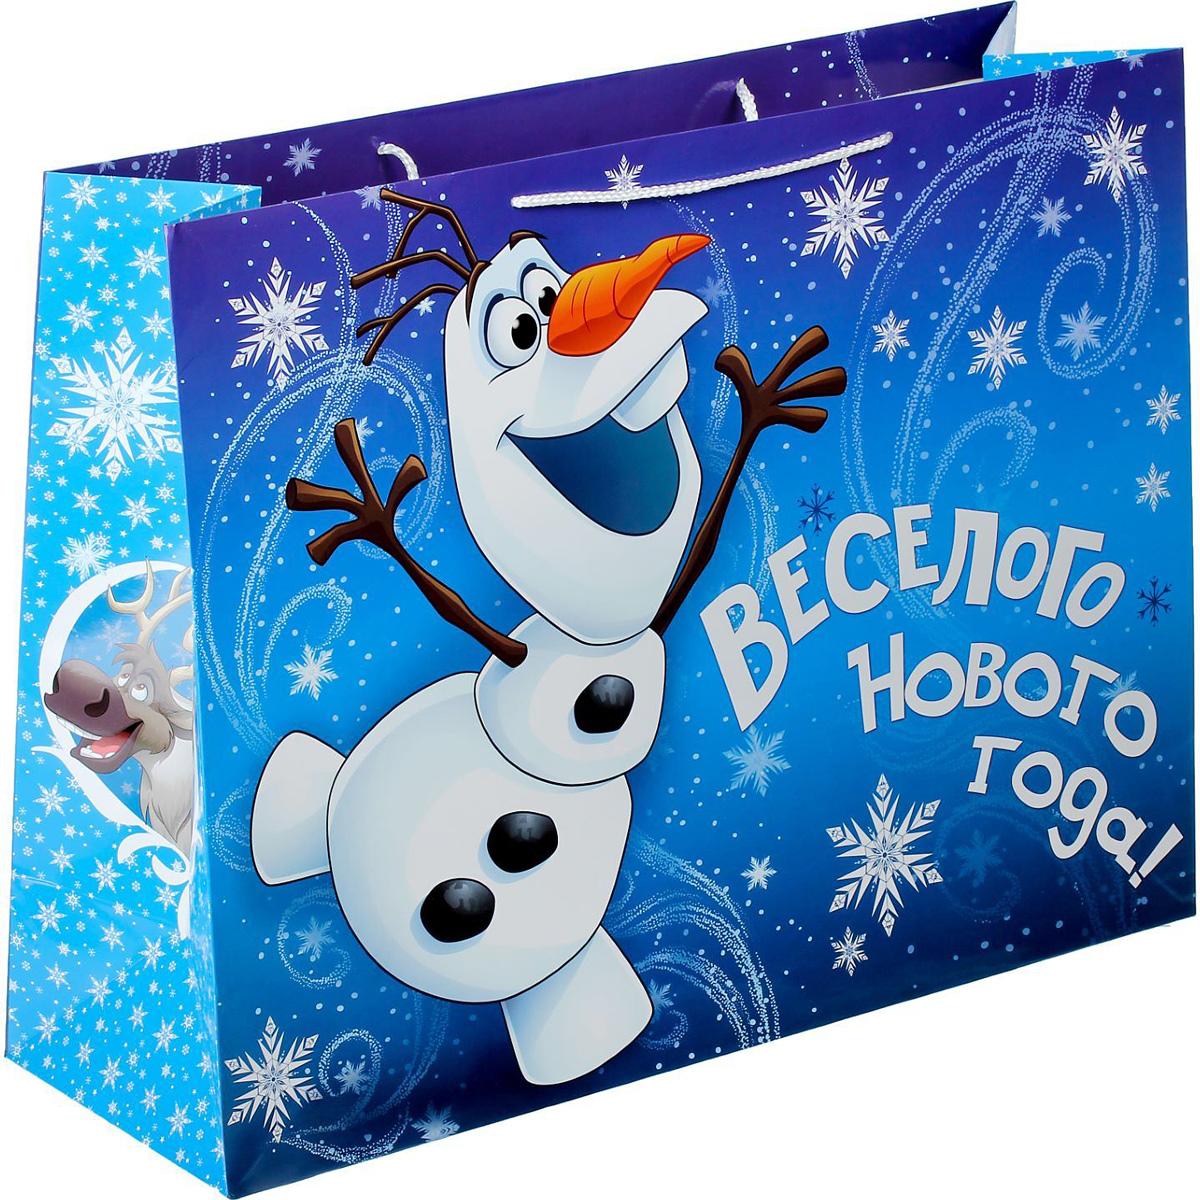 Пакет подарочный Disney Холодное сердце. Веселого Нового года!, XL, 61 х 46 х 20 см . 13521151352115Сделанная своими руками оригинальная упаковка выделит презент из массы других, расскажет о ваших тёплых чувствах, наполнит праздник сказочной атмосферой. Благодаря нашему набору для творчества сделать её не составит труда! Следуйте инструкции, и вы легко создадите яркую, привлекающую внимание коробочку.